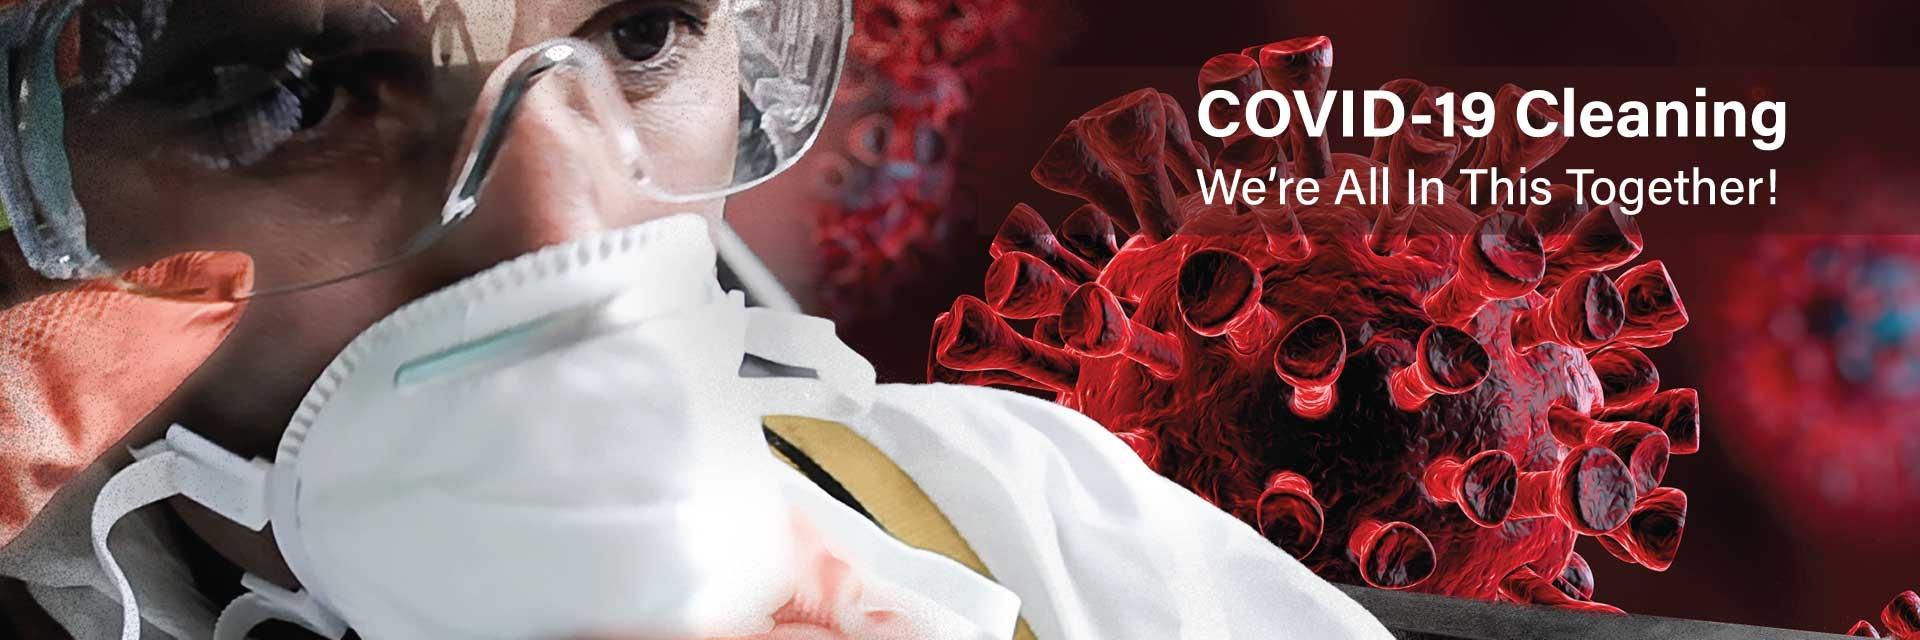 heidekreis coronavirus